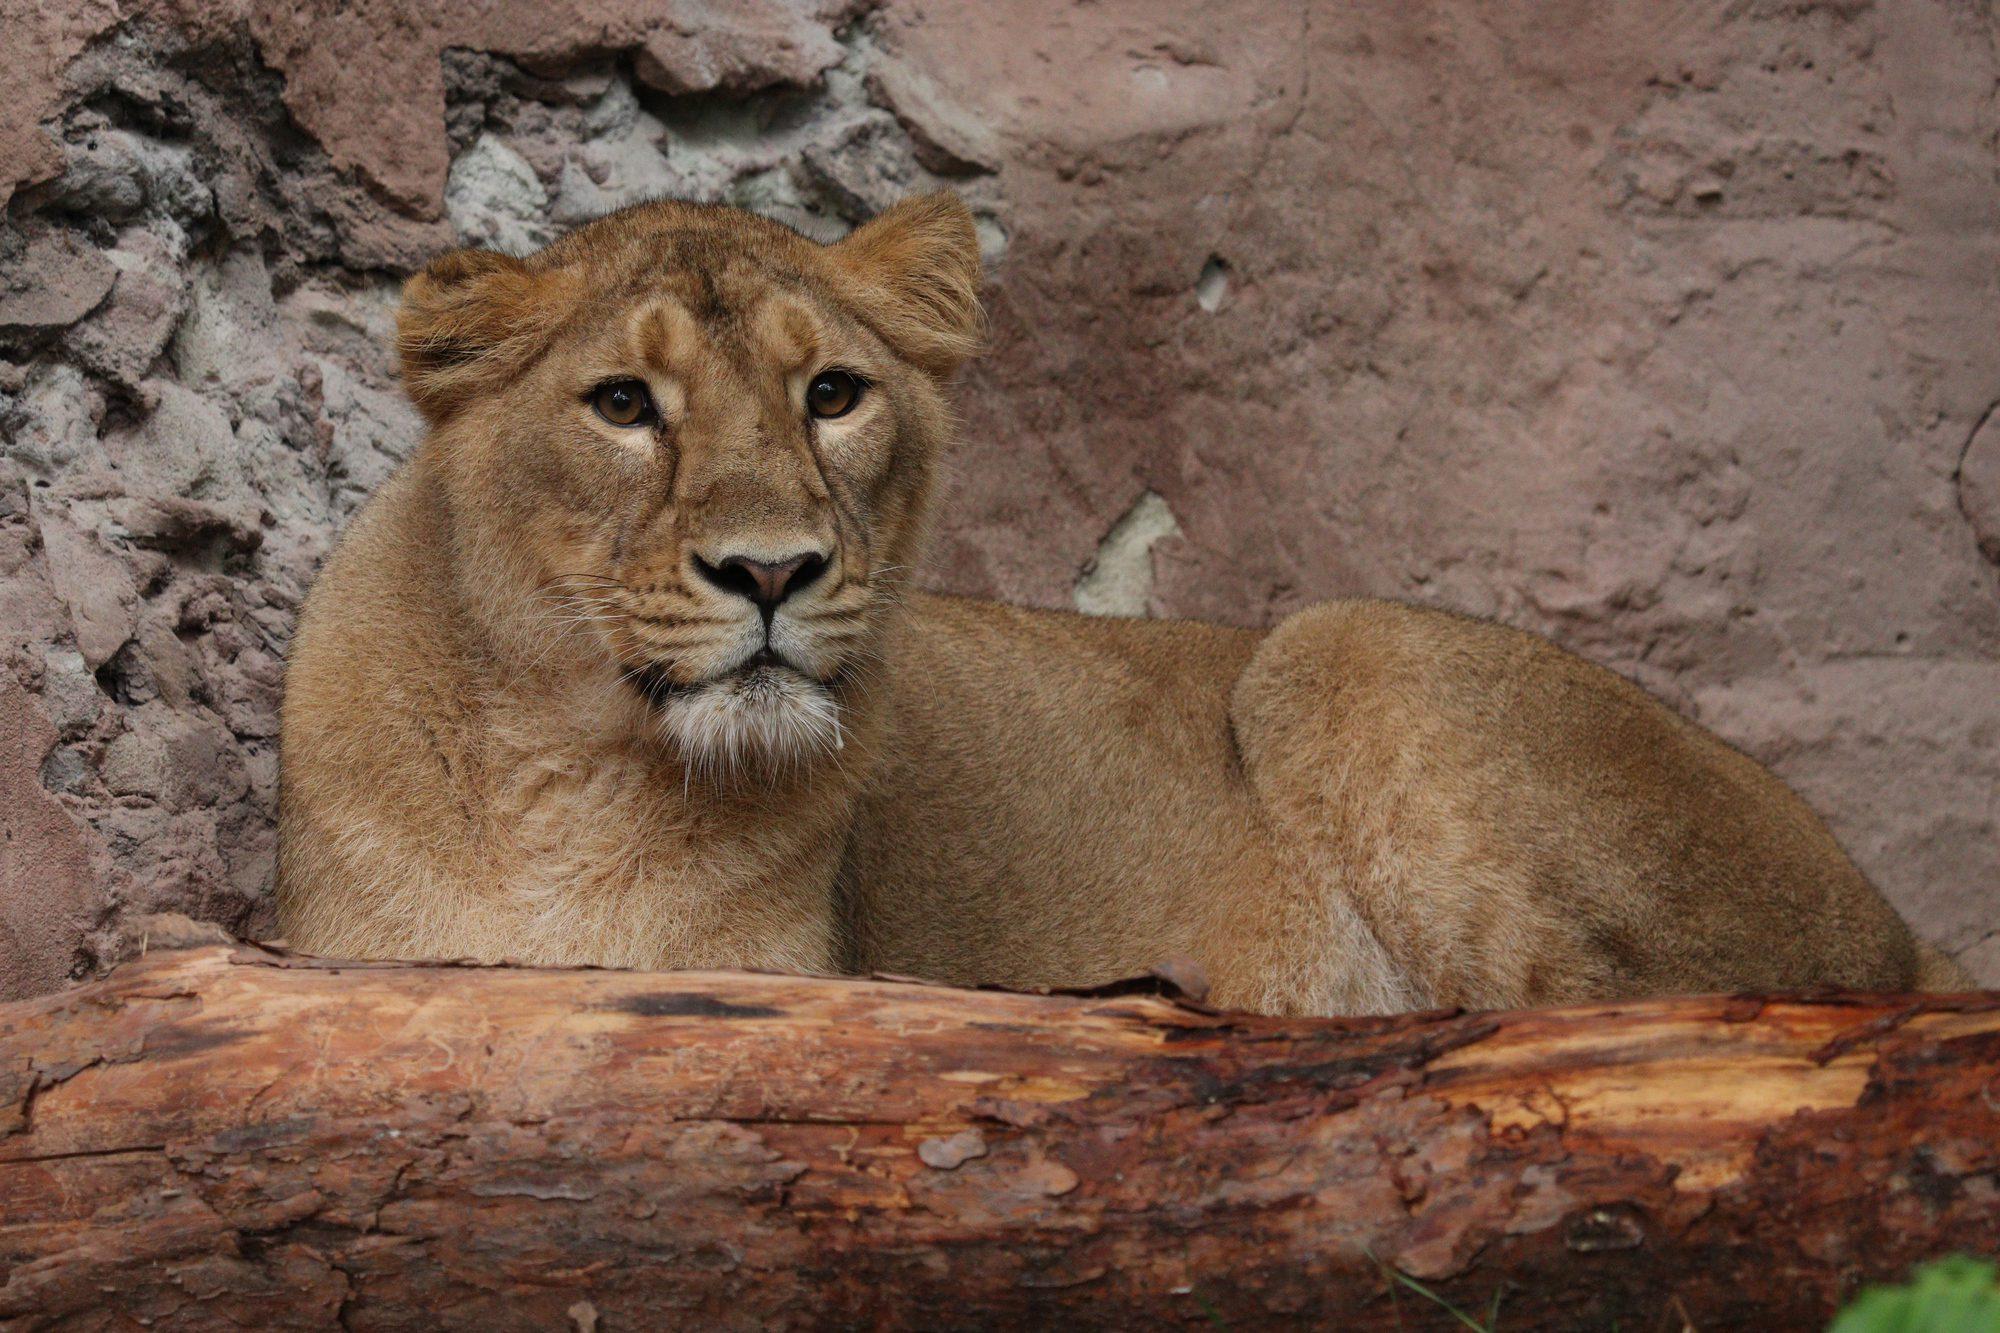 Asiatische Löwin Arany im Tiergarten Nürnberg